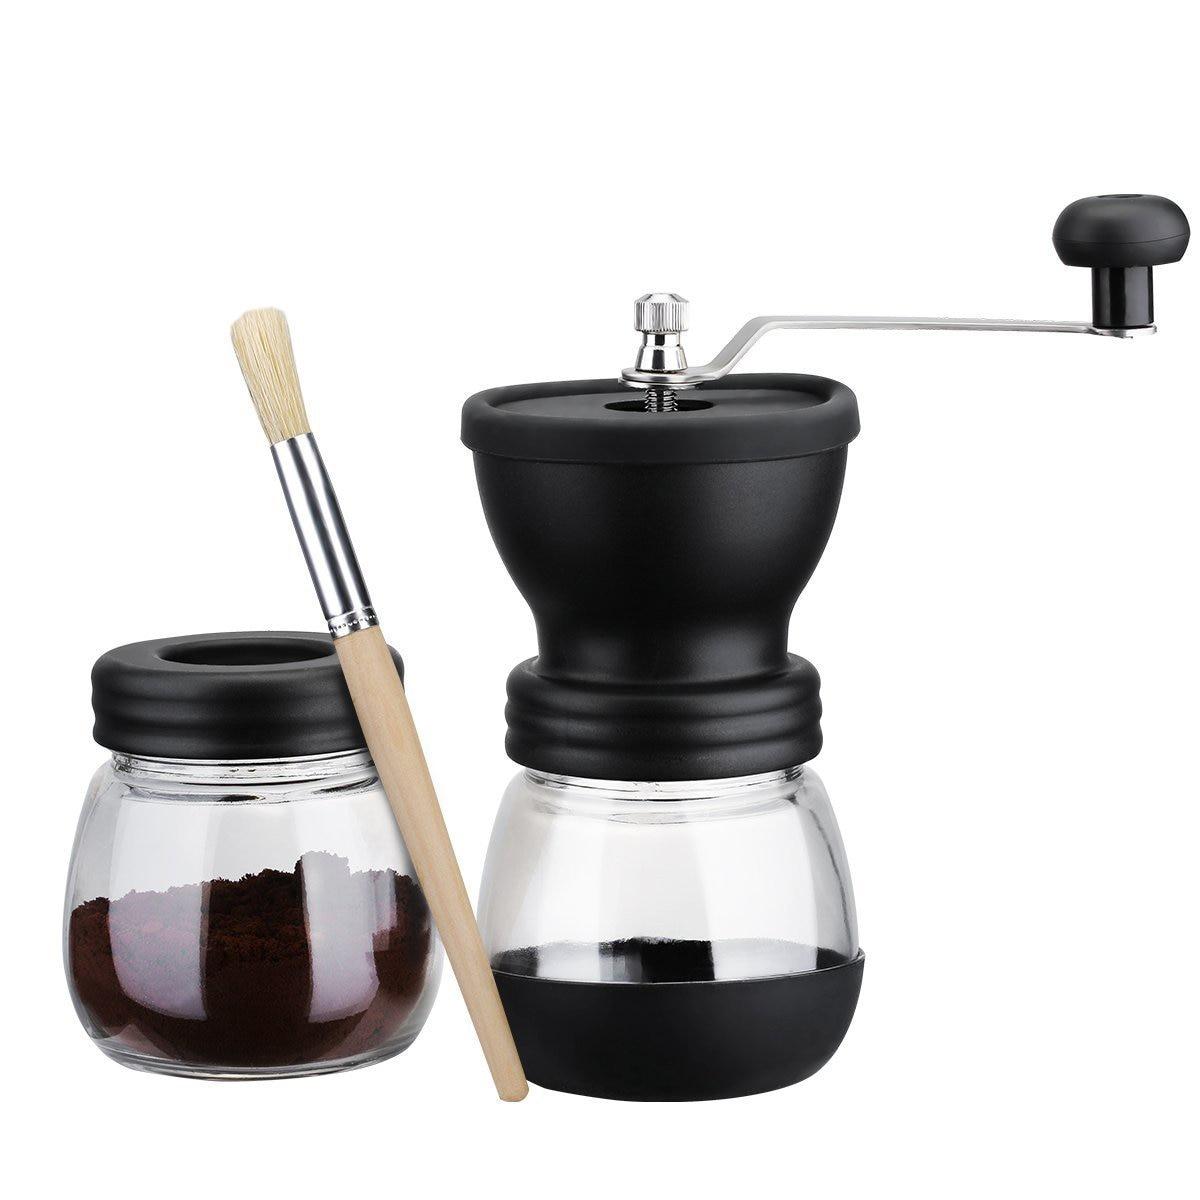 Moedor de café manual quente com frasco de armazenamento escova macia cônica cerâmica rebarba silencioso e portátil